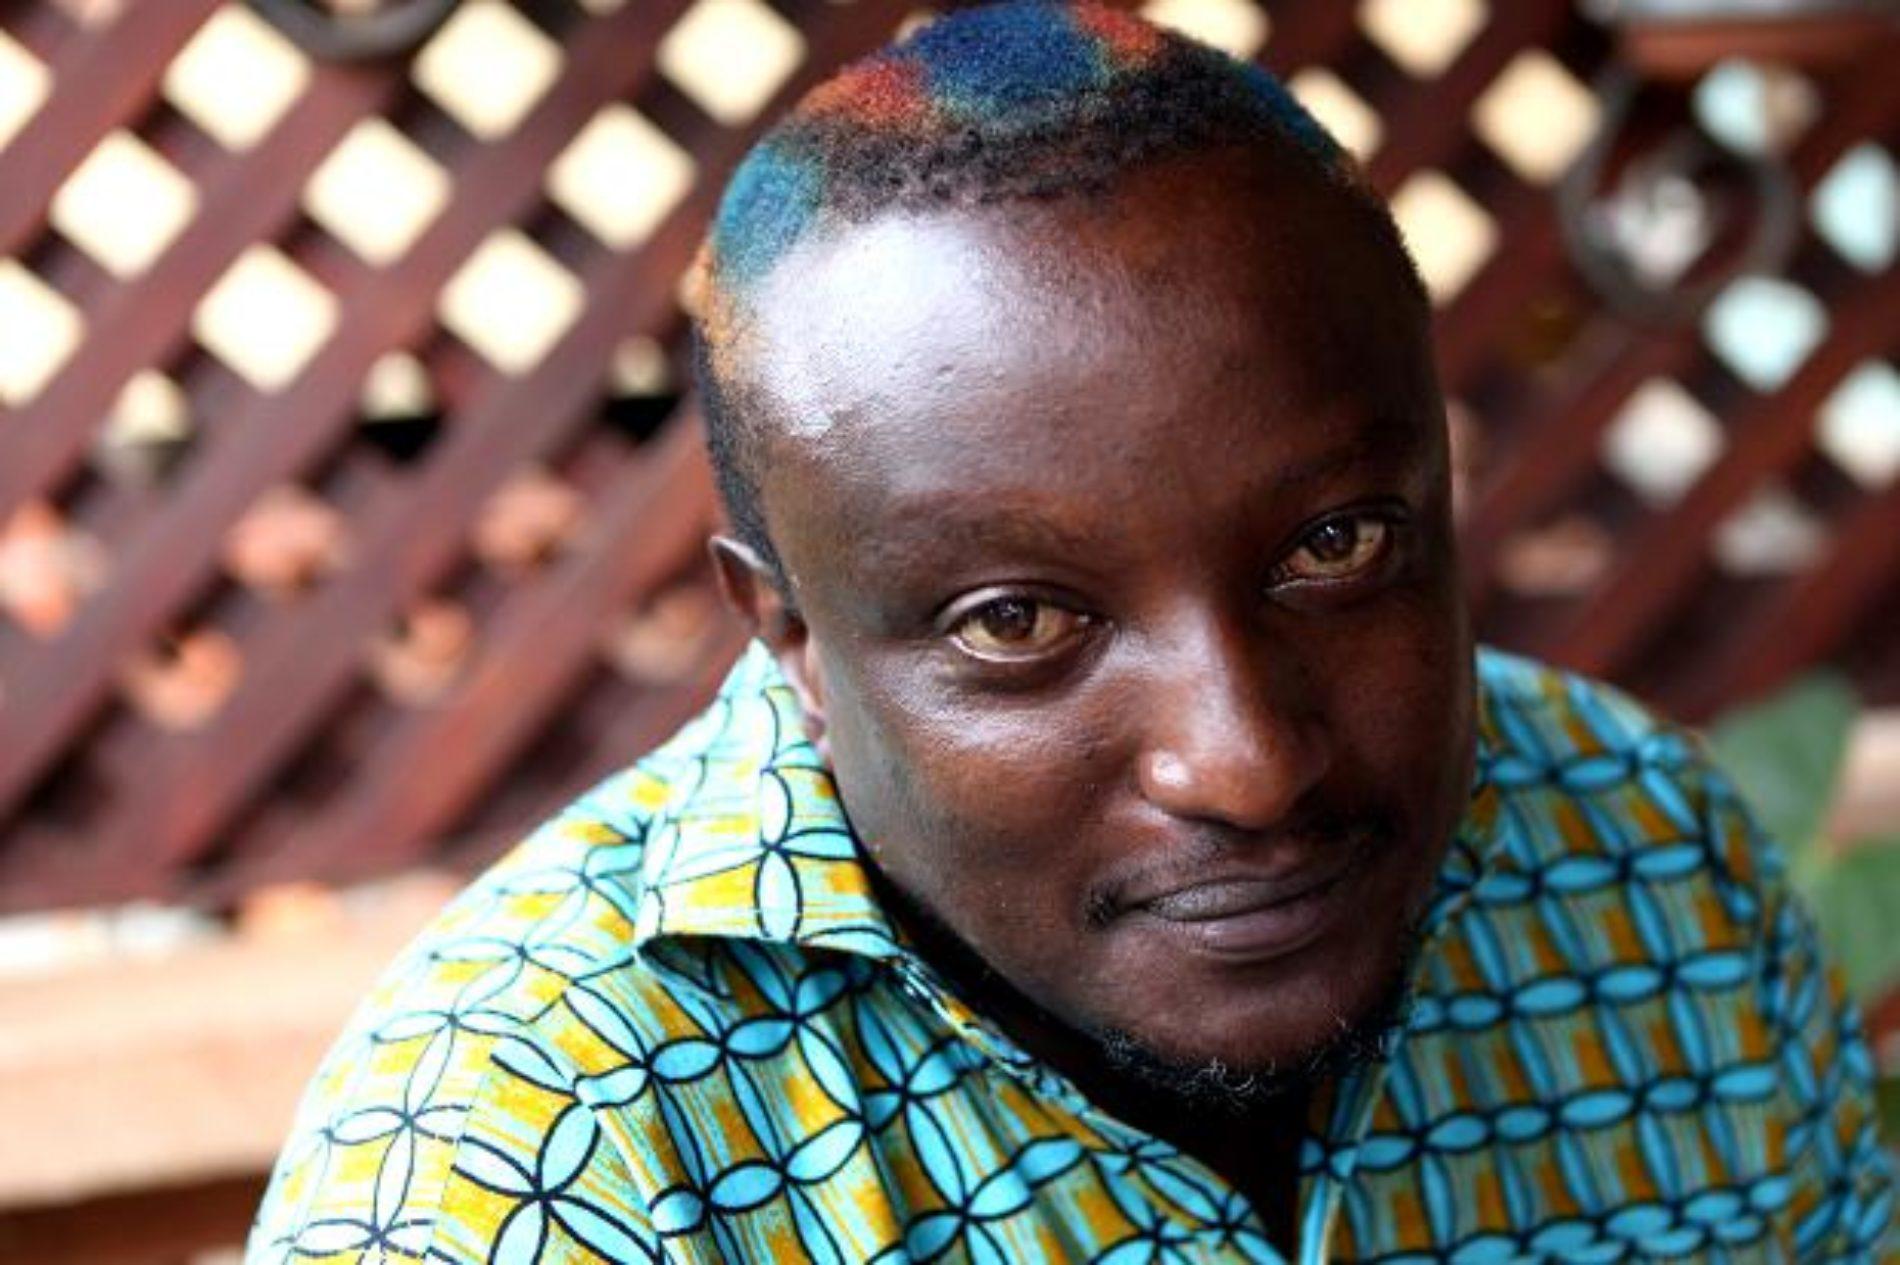 'I Am HIV Positive And Happy.' – Binyavanga Wainaina